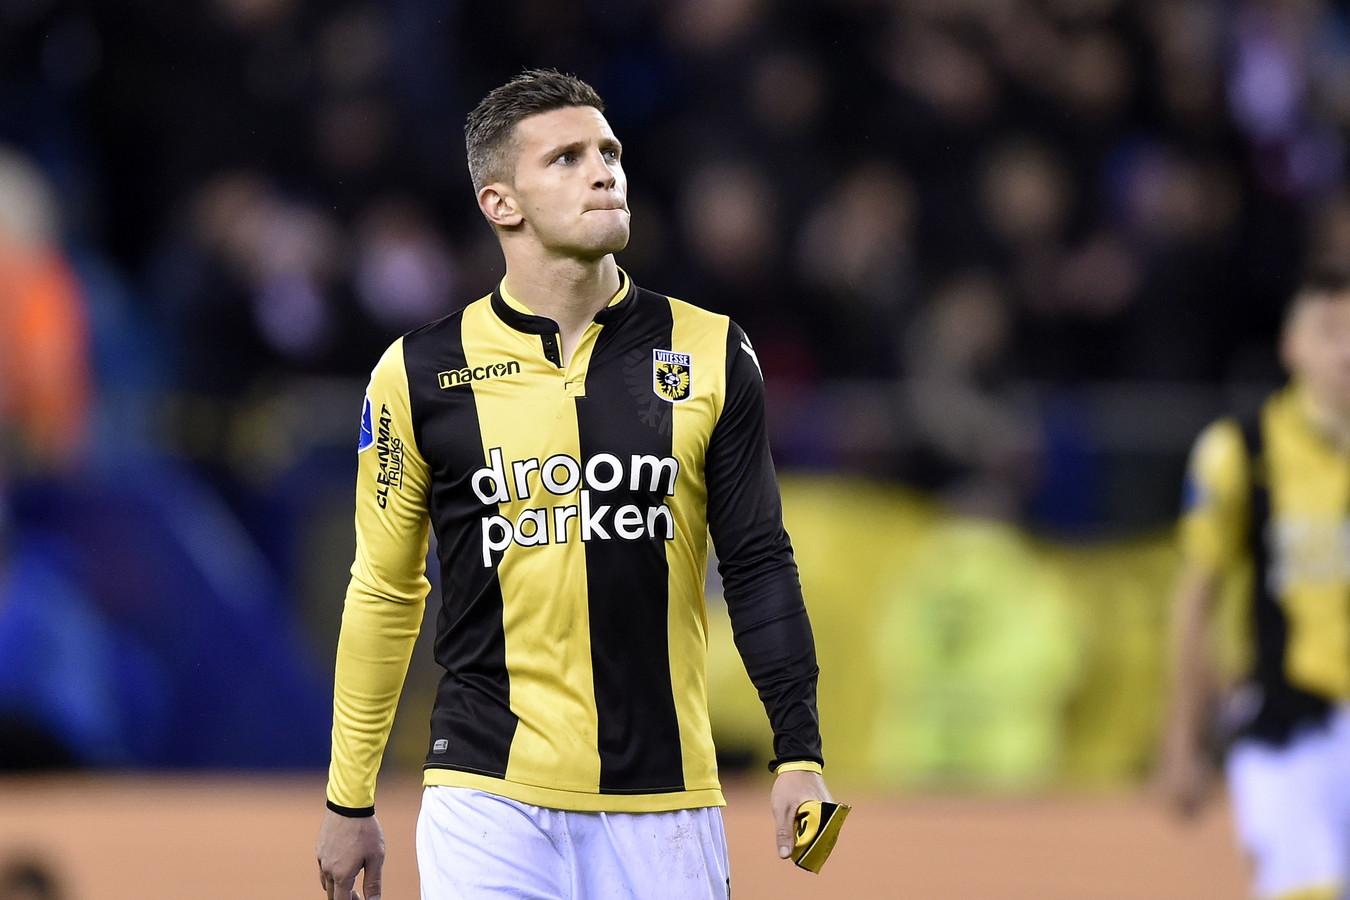 Droomparken stond prominent op het shirt bij Vitesse in het seizoen 2018-2019. Hier Bryan Linssen.